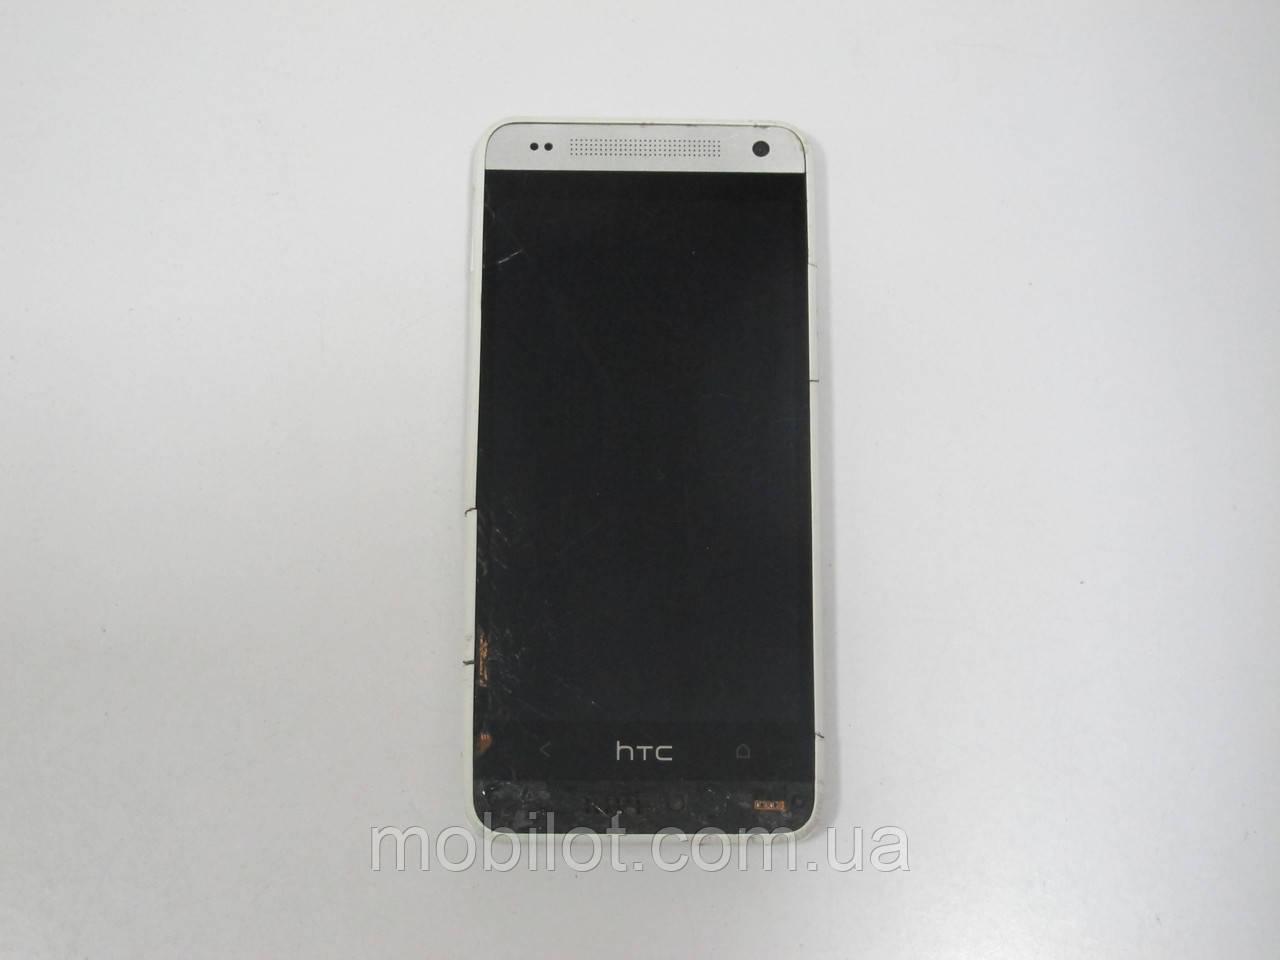 96fabd32b9fea Мобильный телефон HTC One 601n (TZ-6271) , цена 193 грн., купить в ...